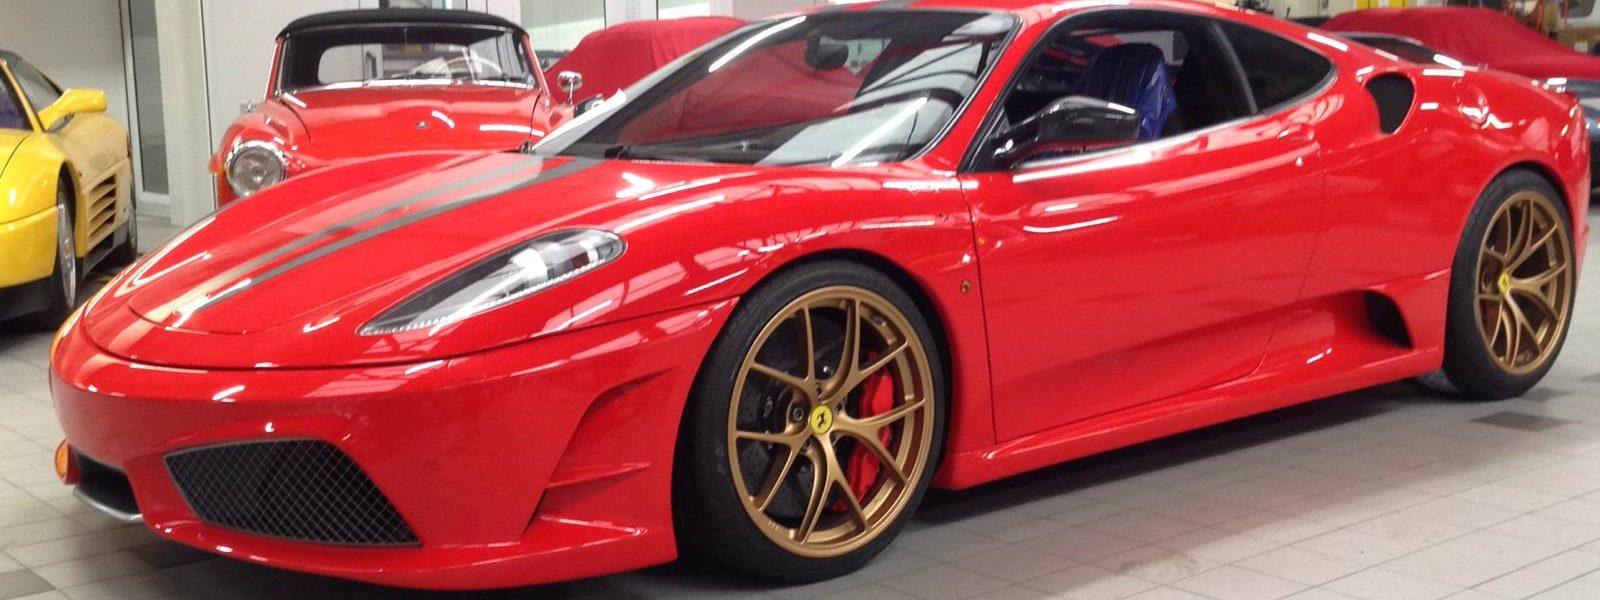 430 Scuderia – BBS FI-R wheels